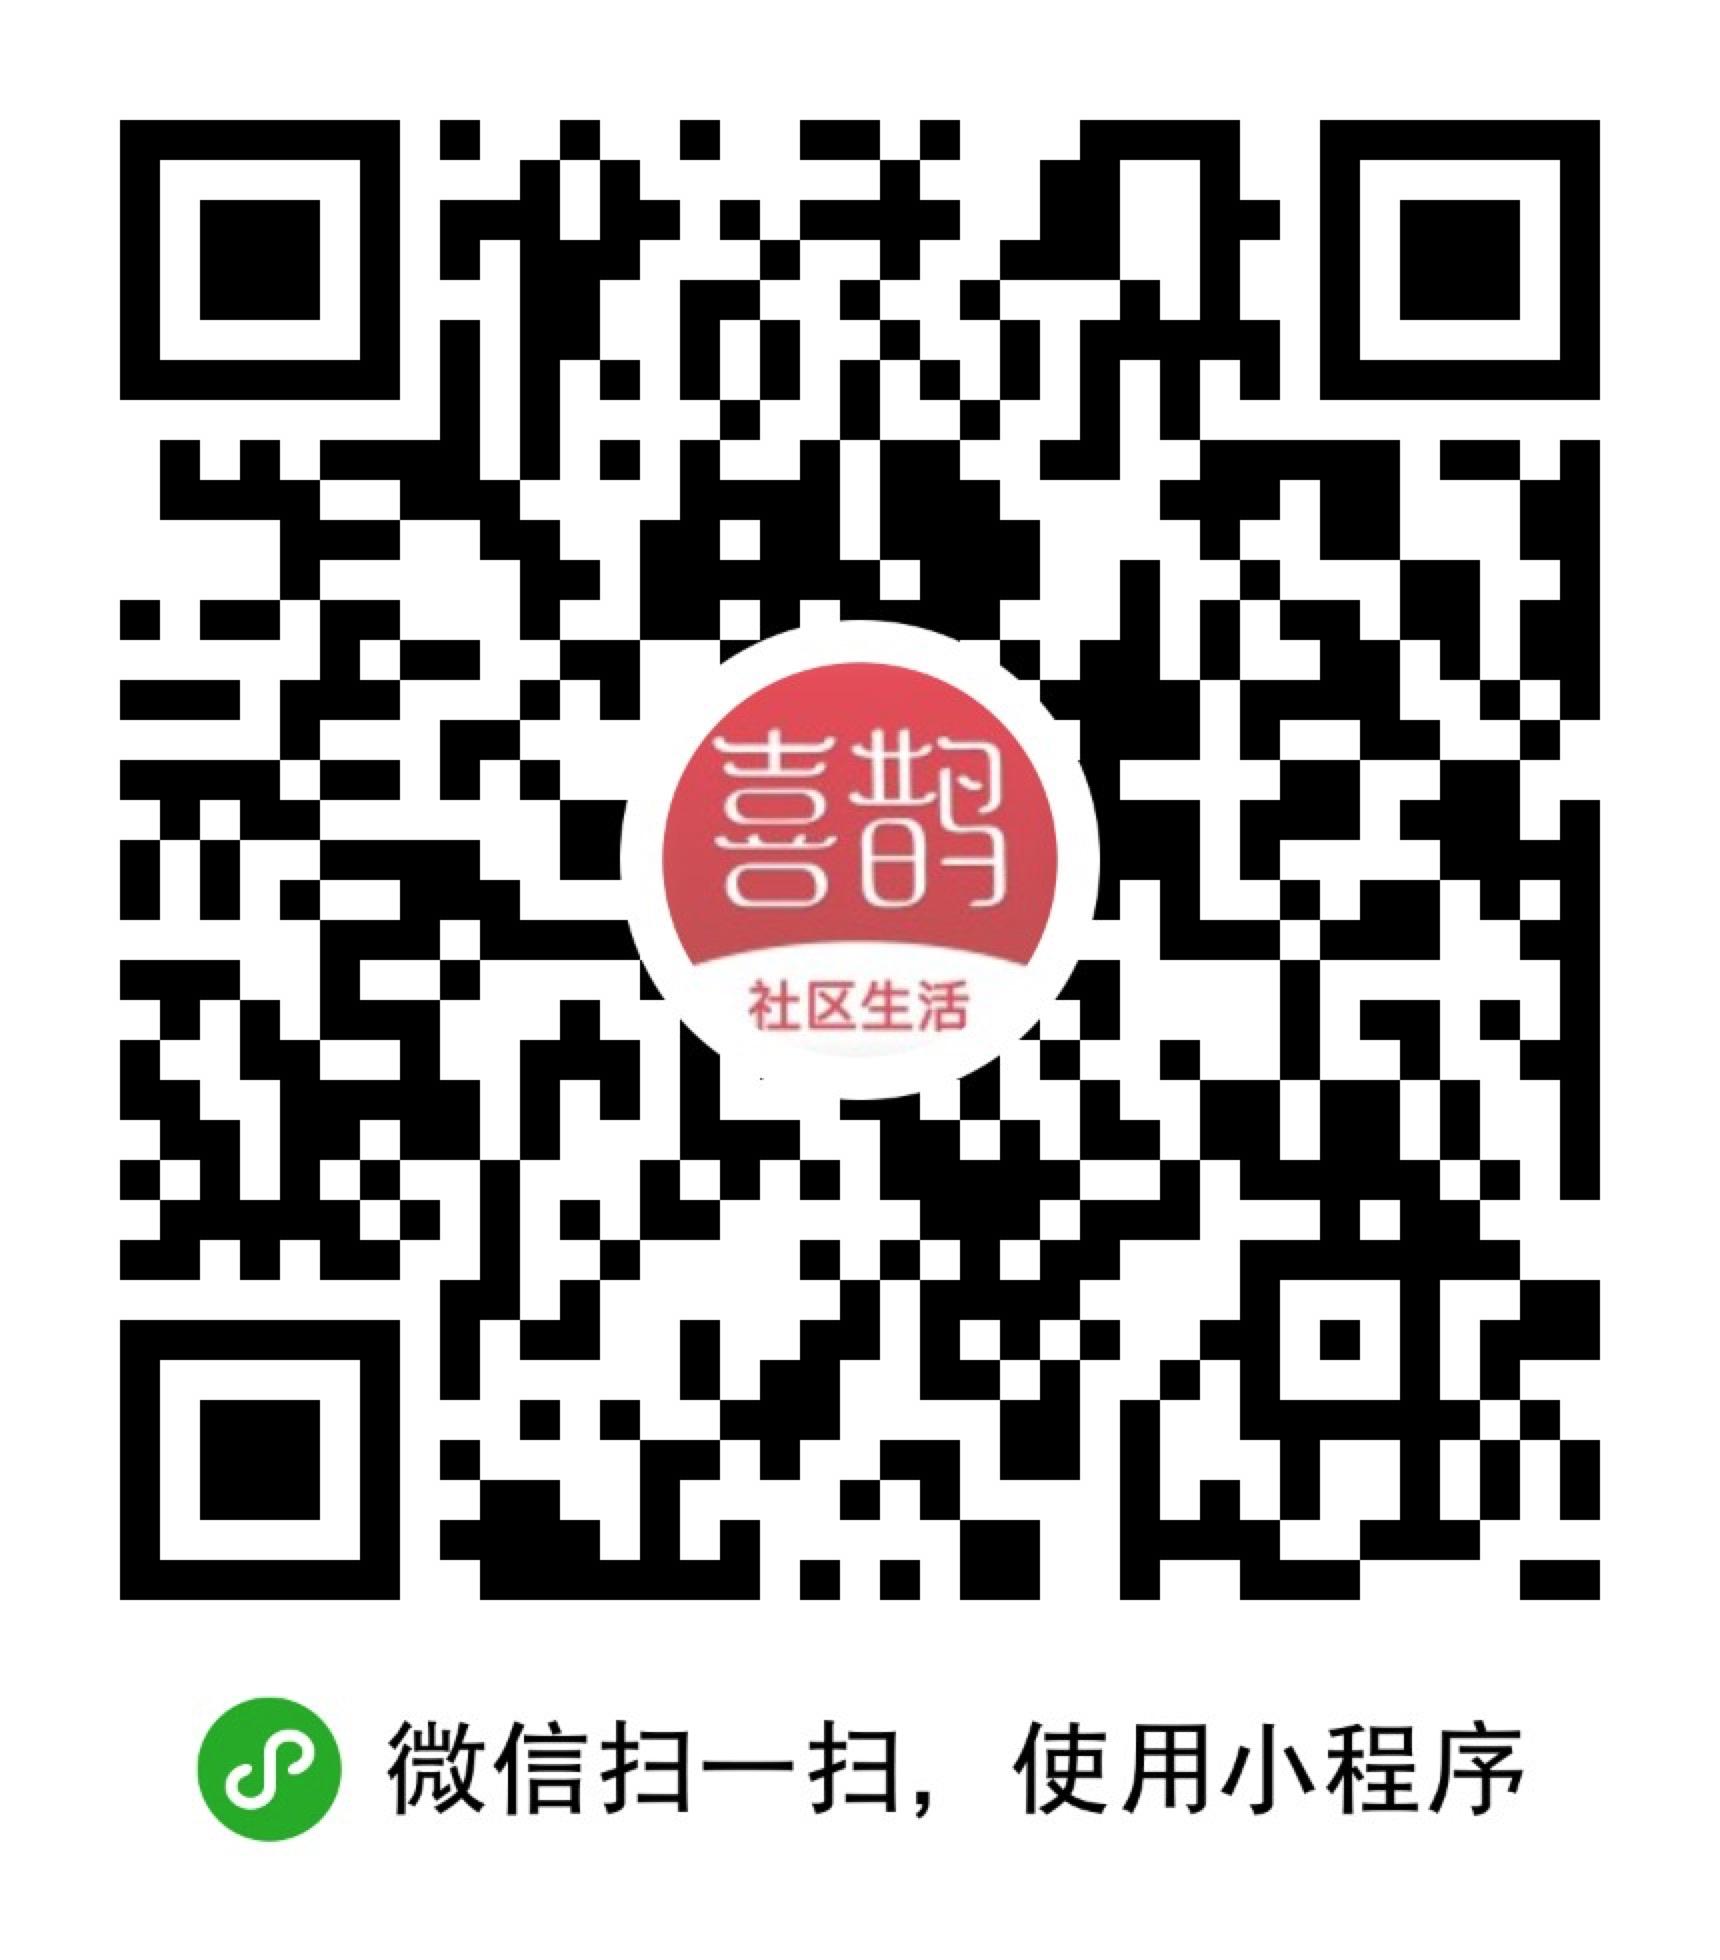 喜鹊社区app小程序二维码